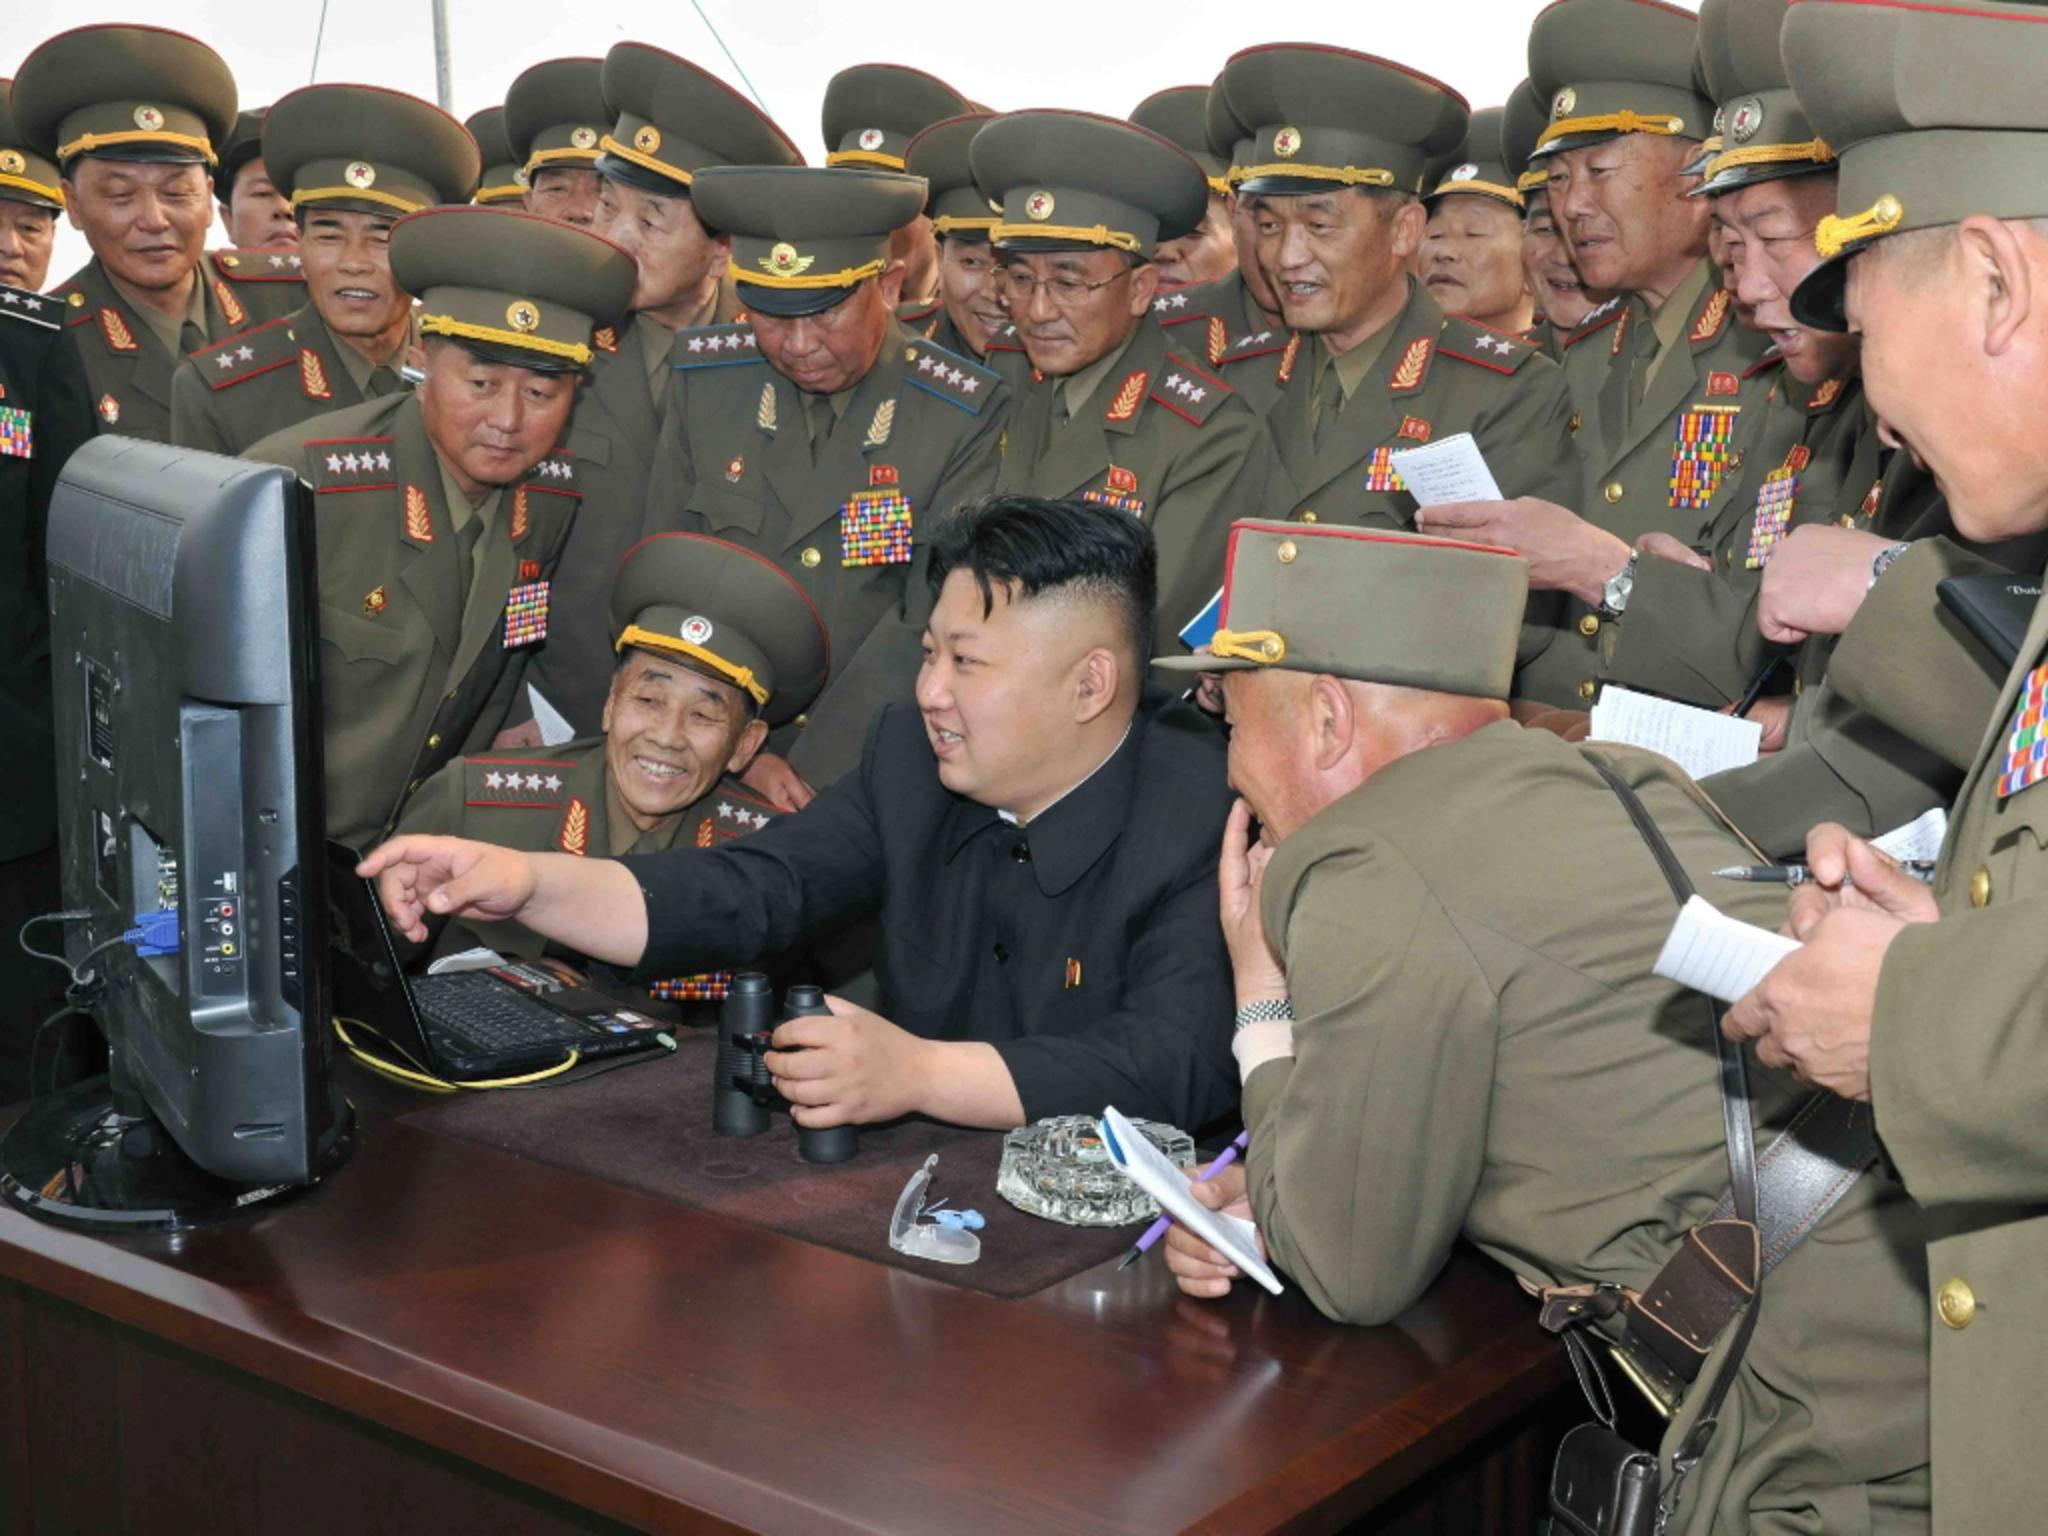 Ob Nordkoreas Diktator Kim Jong-un sich hier über die Funktionen von Red Star freut?